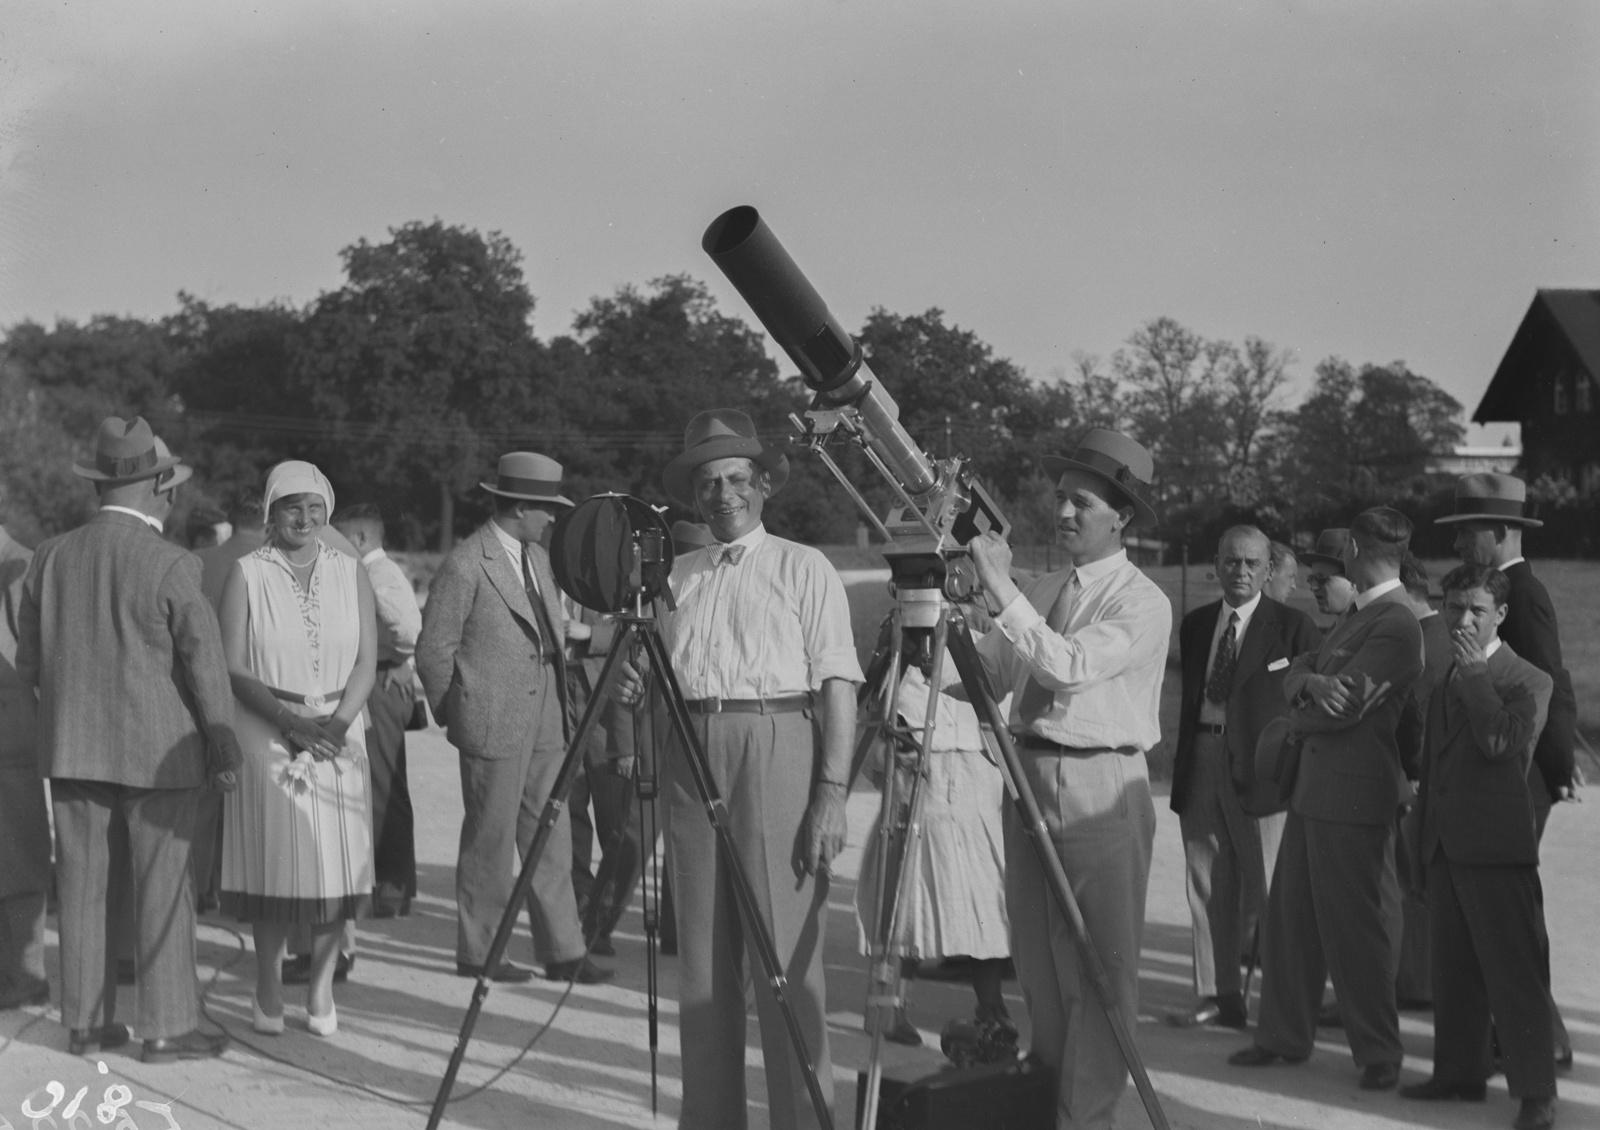 Берлин. Двое мужчин (Шомбург и его оператор Либеренц) демонстрируют работу камеры.